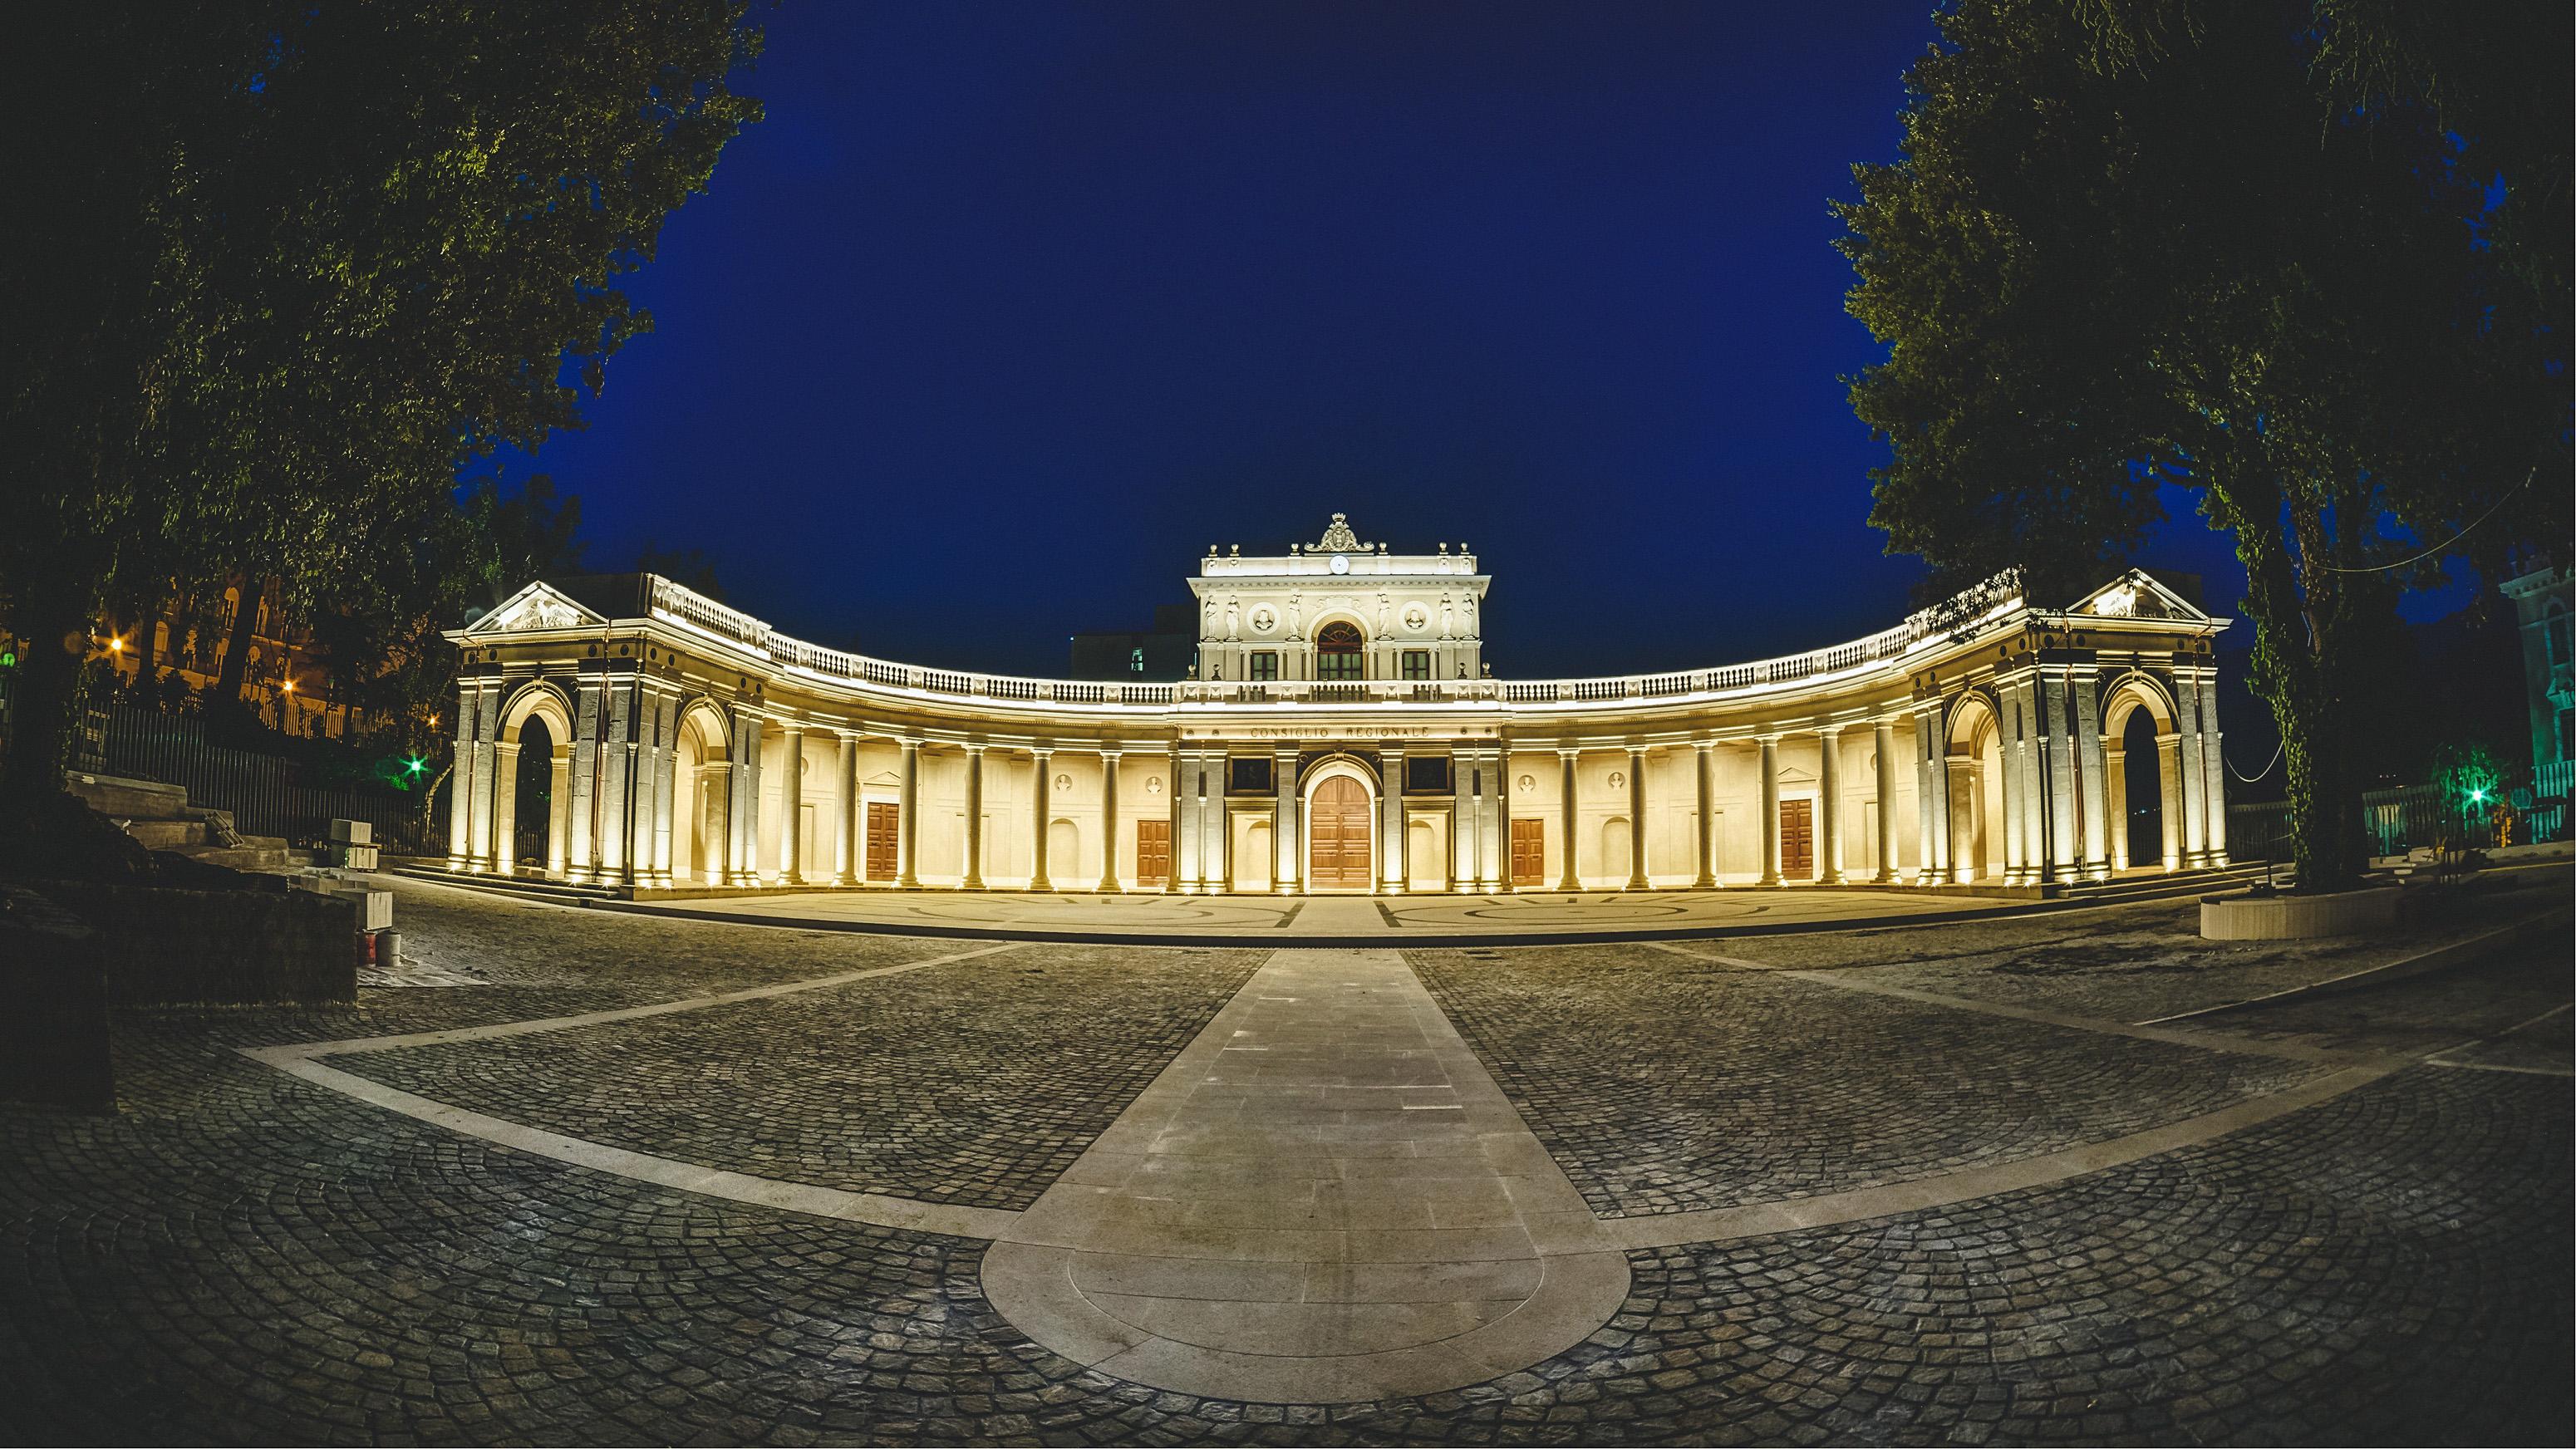 Il giro d italia arriva all aquila stasera il palazzo for Arredamenti giulia l aquila